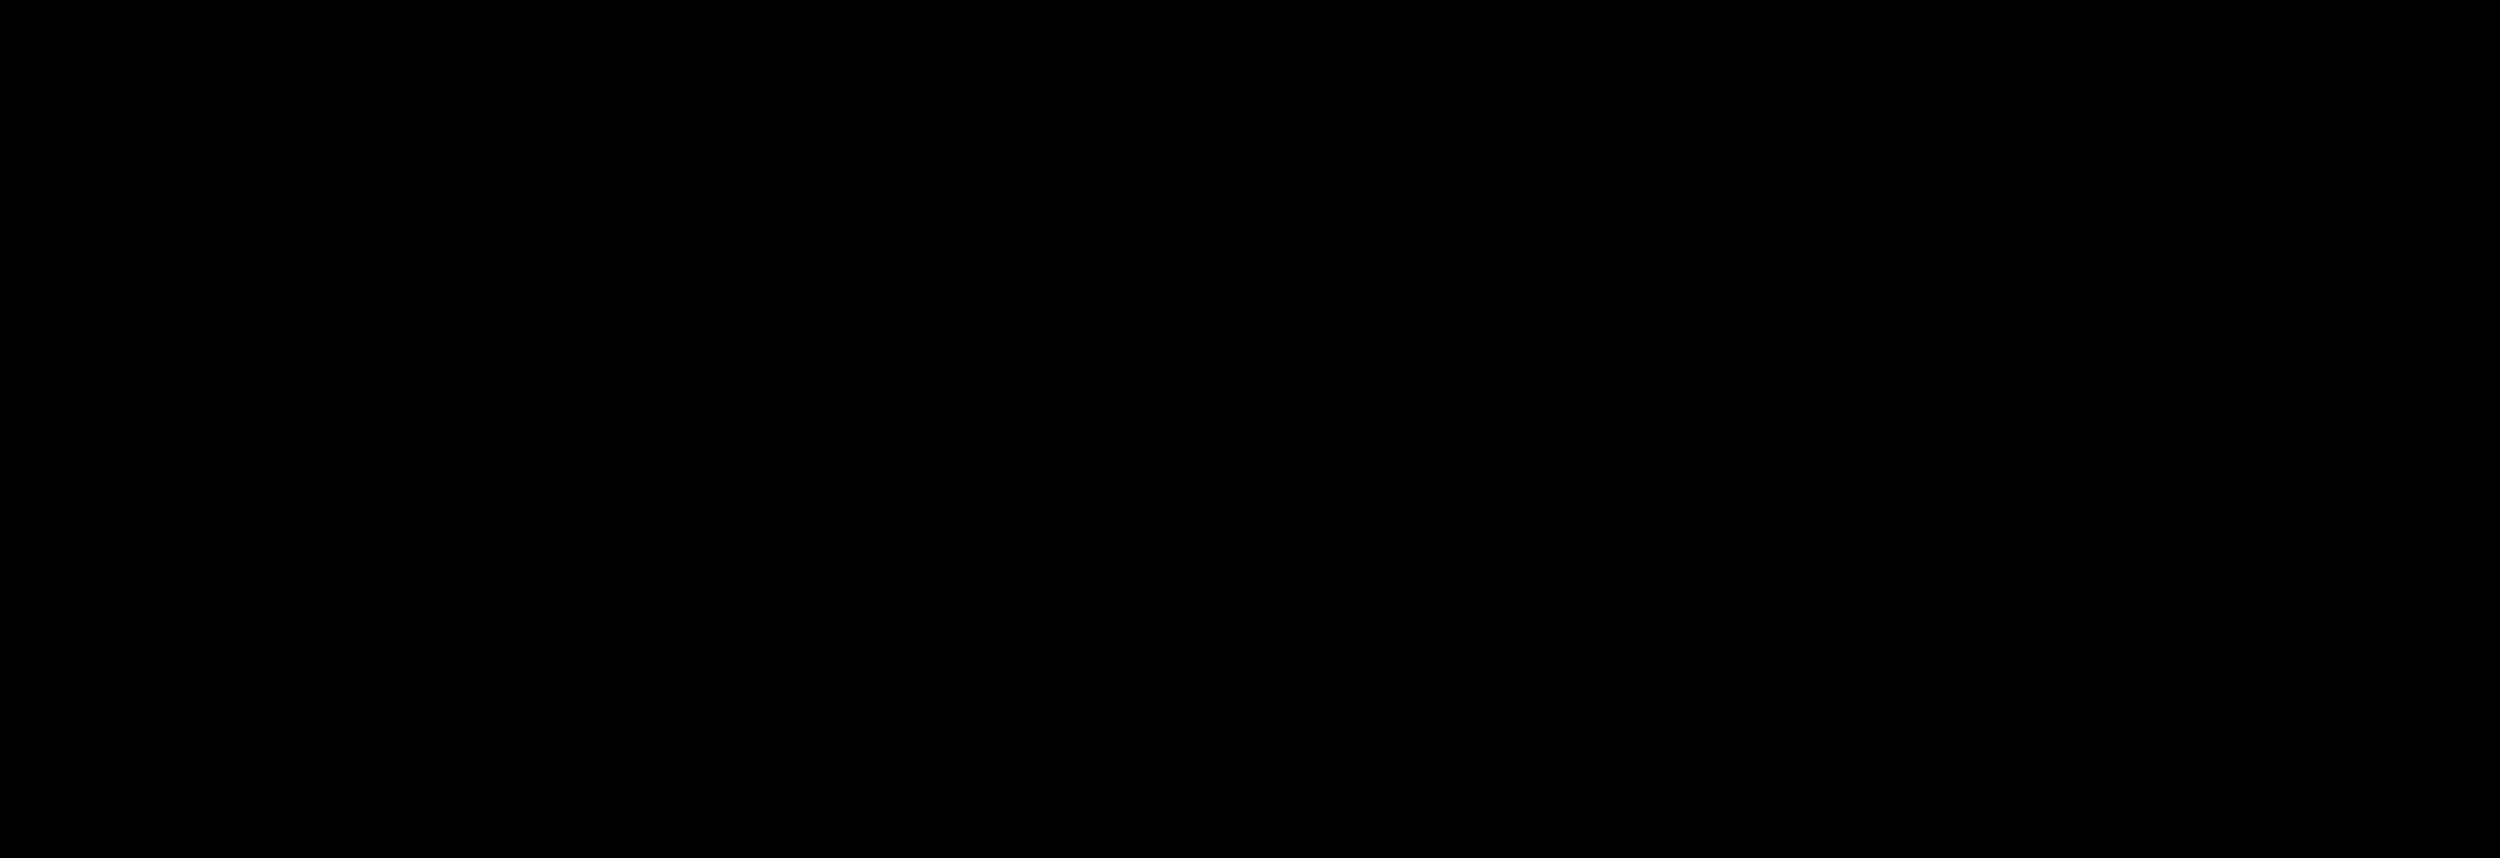 Print_Digital_Logo_2500.png